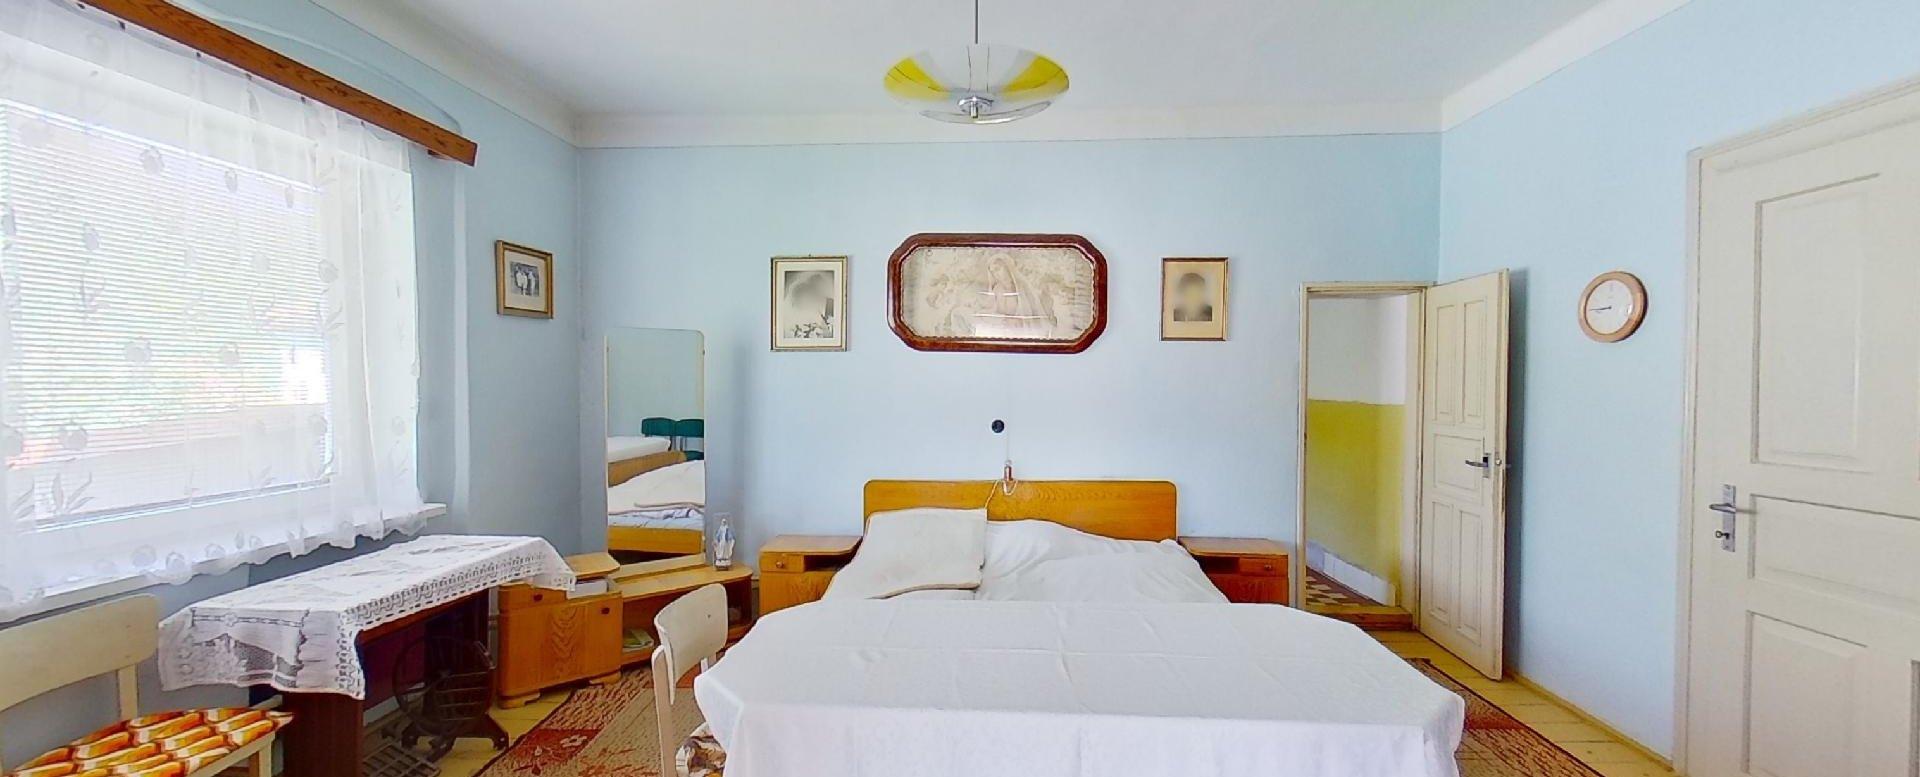 Spálňa 2 s kúpeľňou